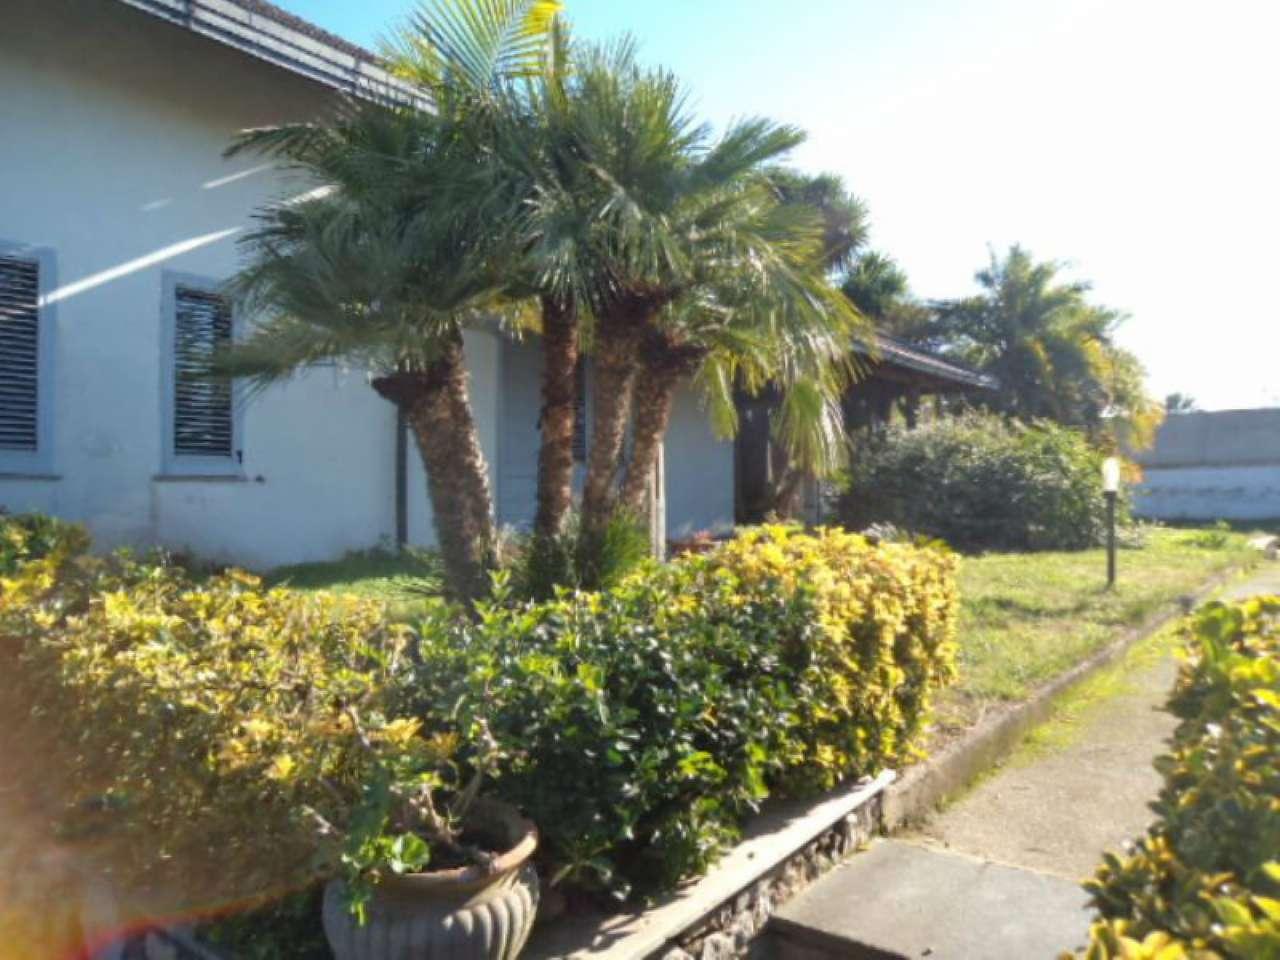 Villa in vendita a Giugliano in Campania, 7 locali, prezzo € 520.000   Cambio Casa.it